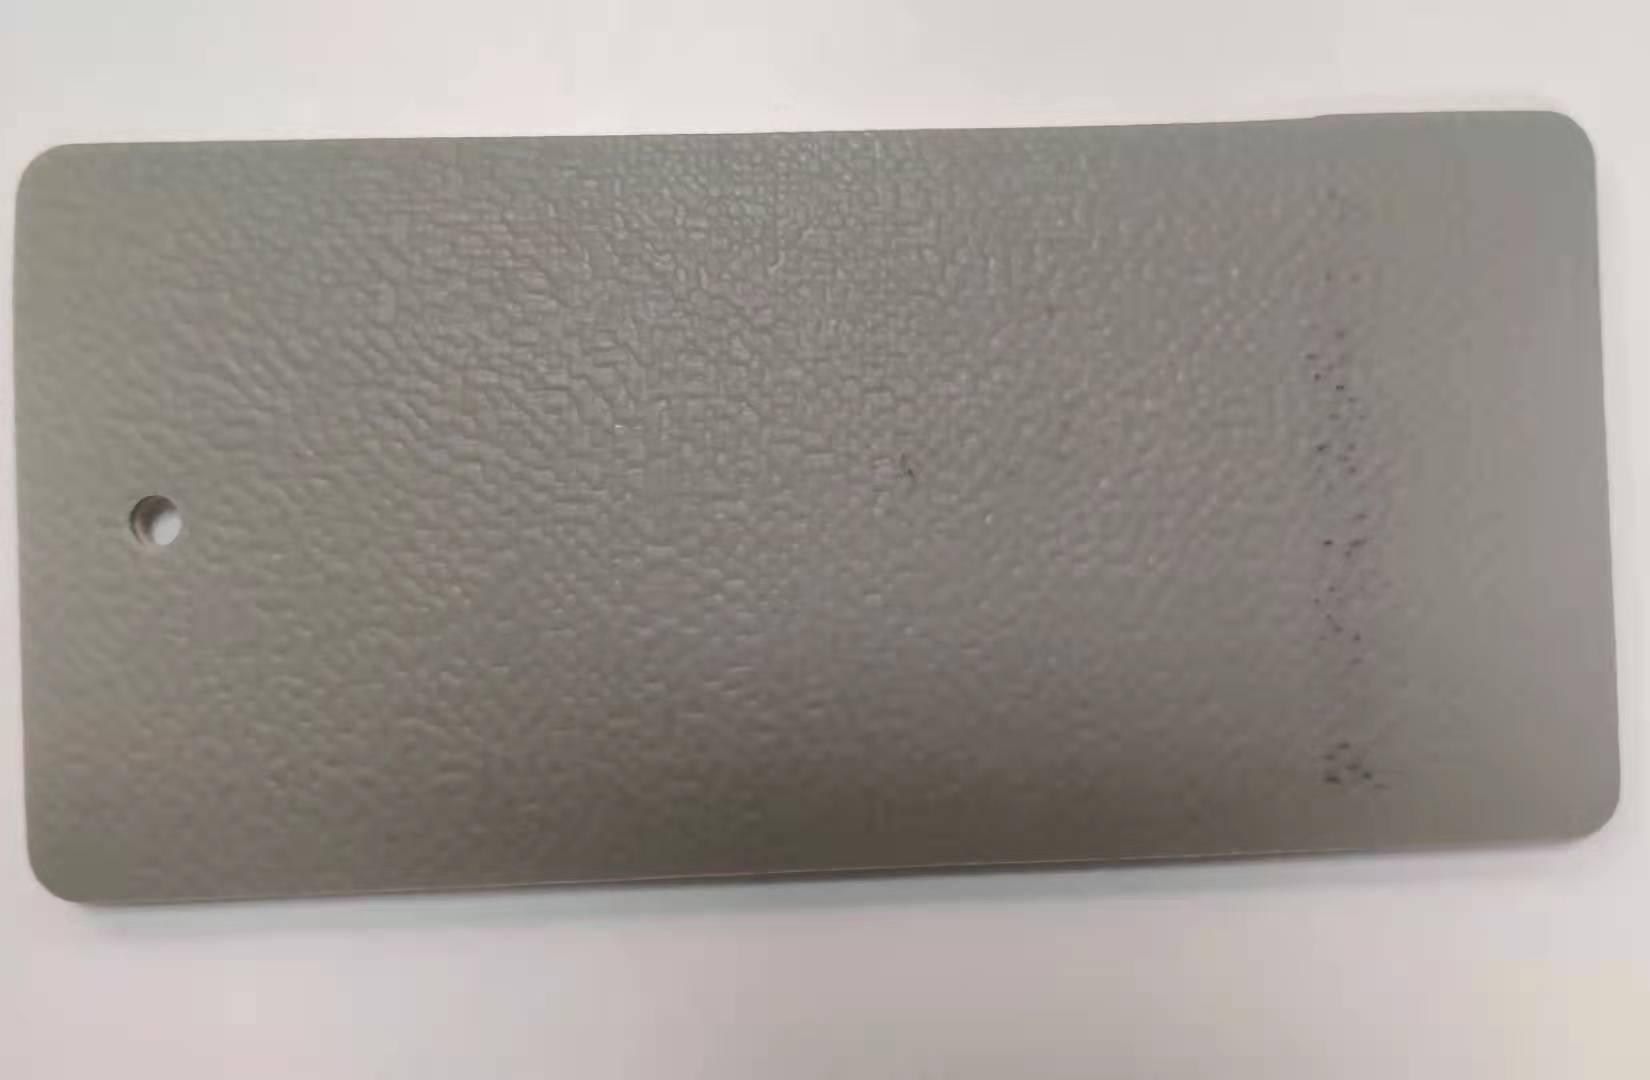 法院防撞防撞地板PVC耐磨层防水地胶